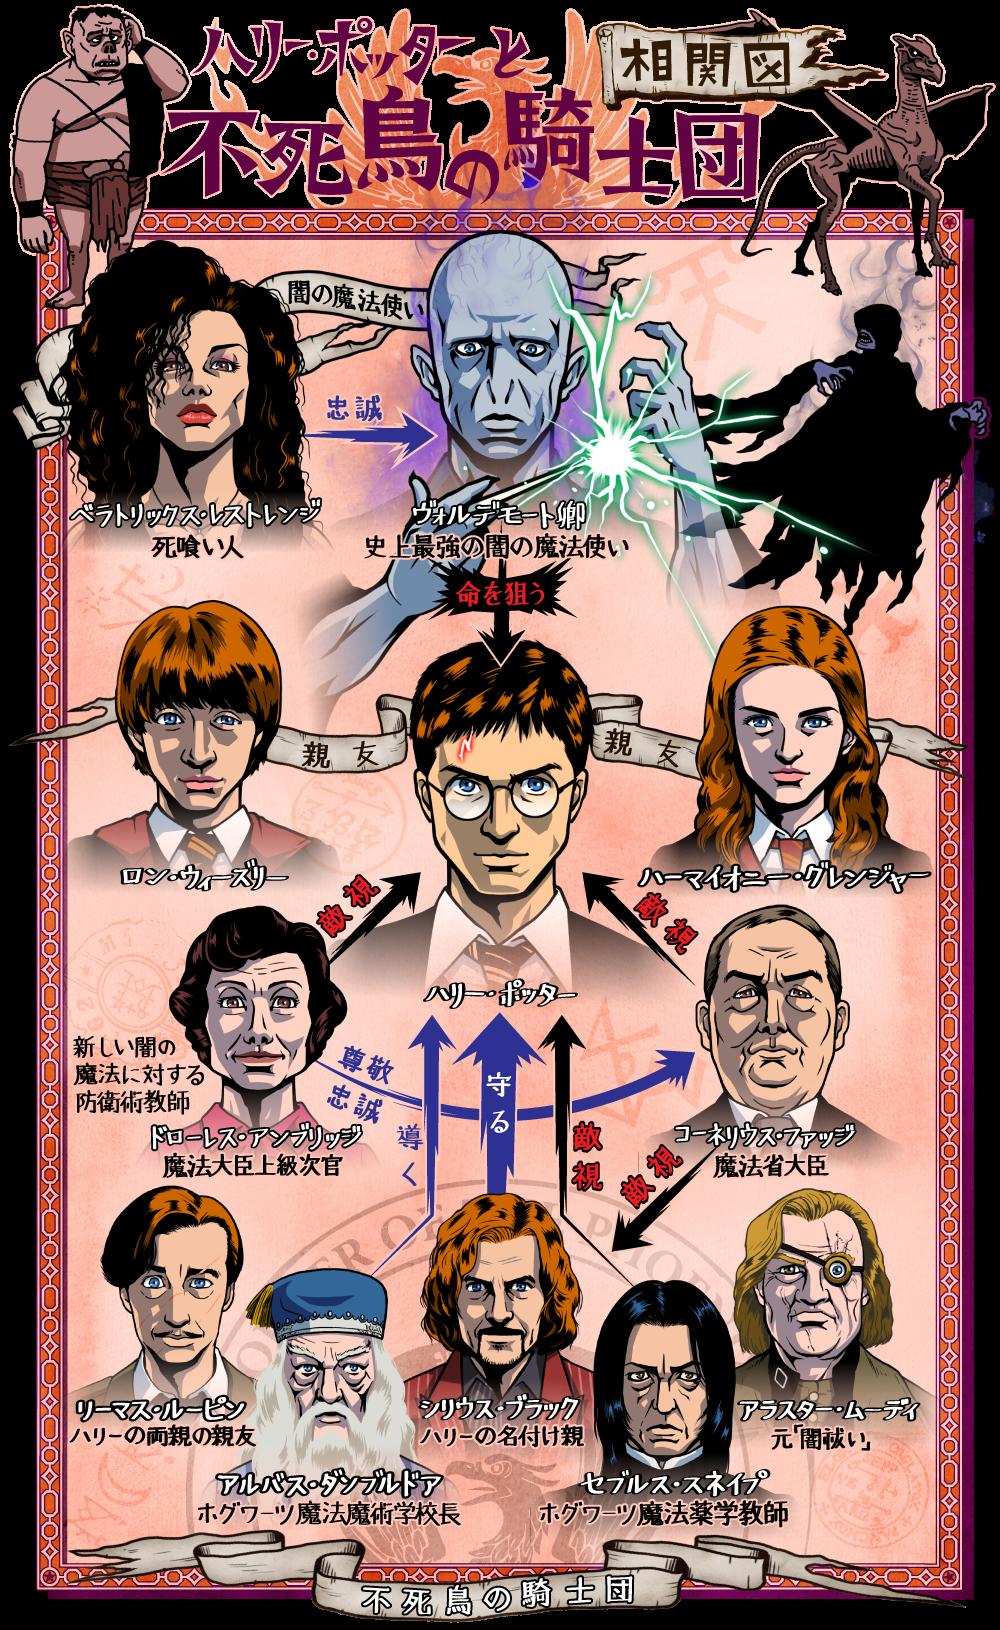 ハリー・ポッターと不死鳥の騎士団の人物相関図